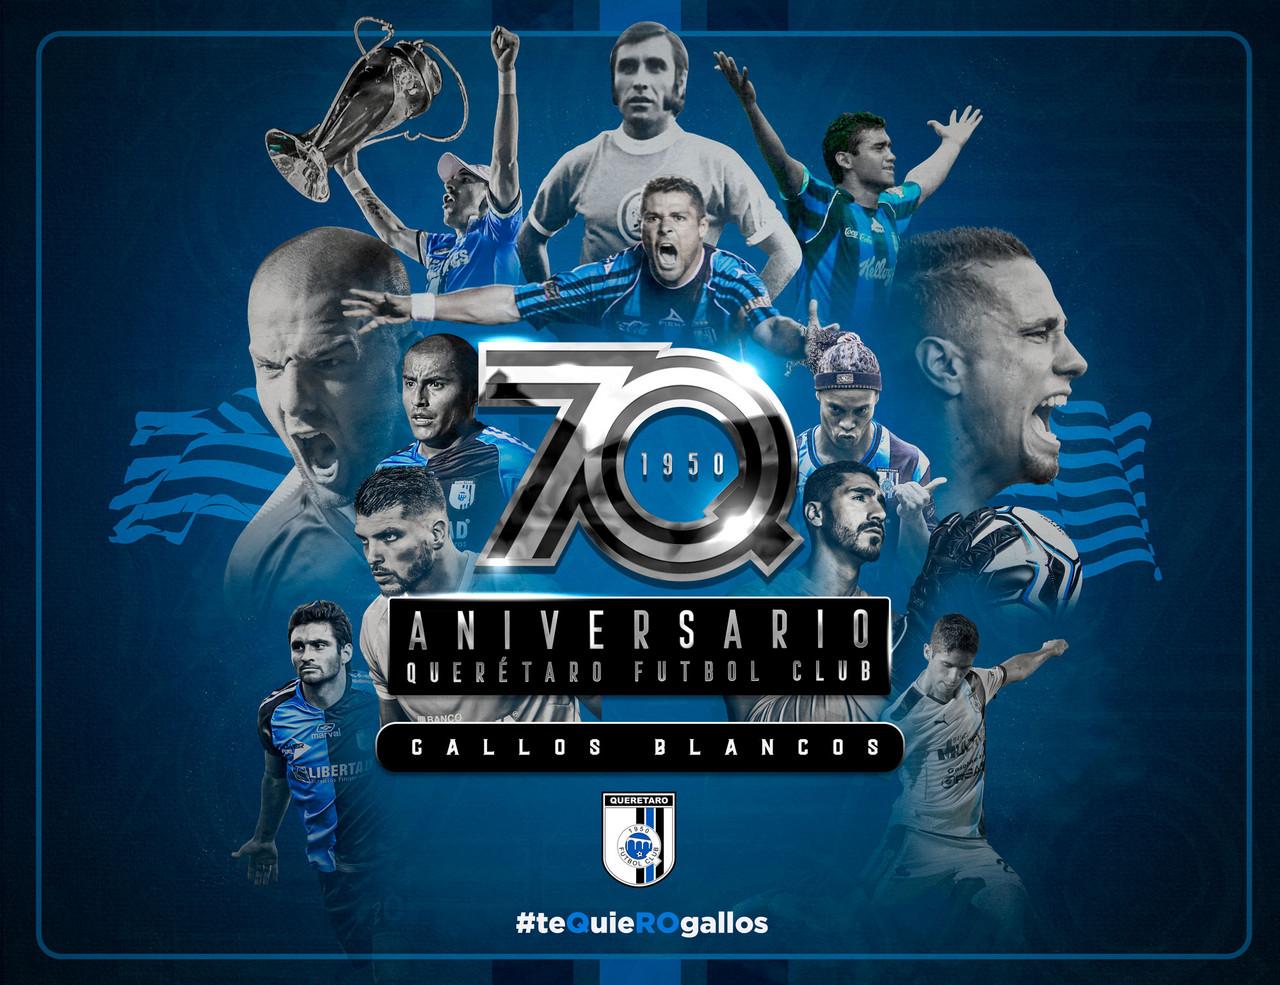 70 años del Club Querétaro